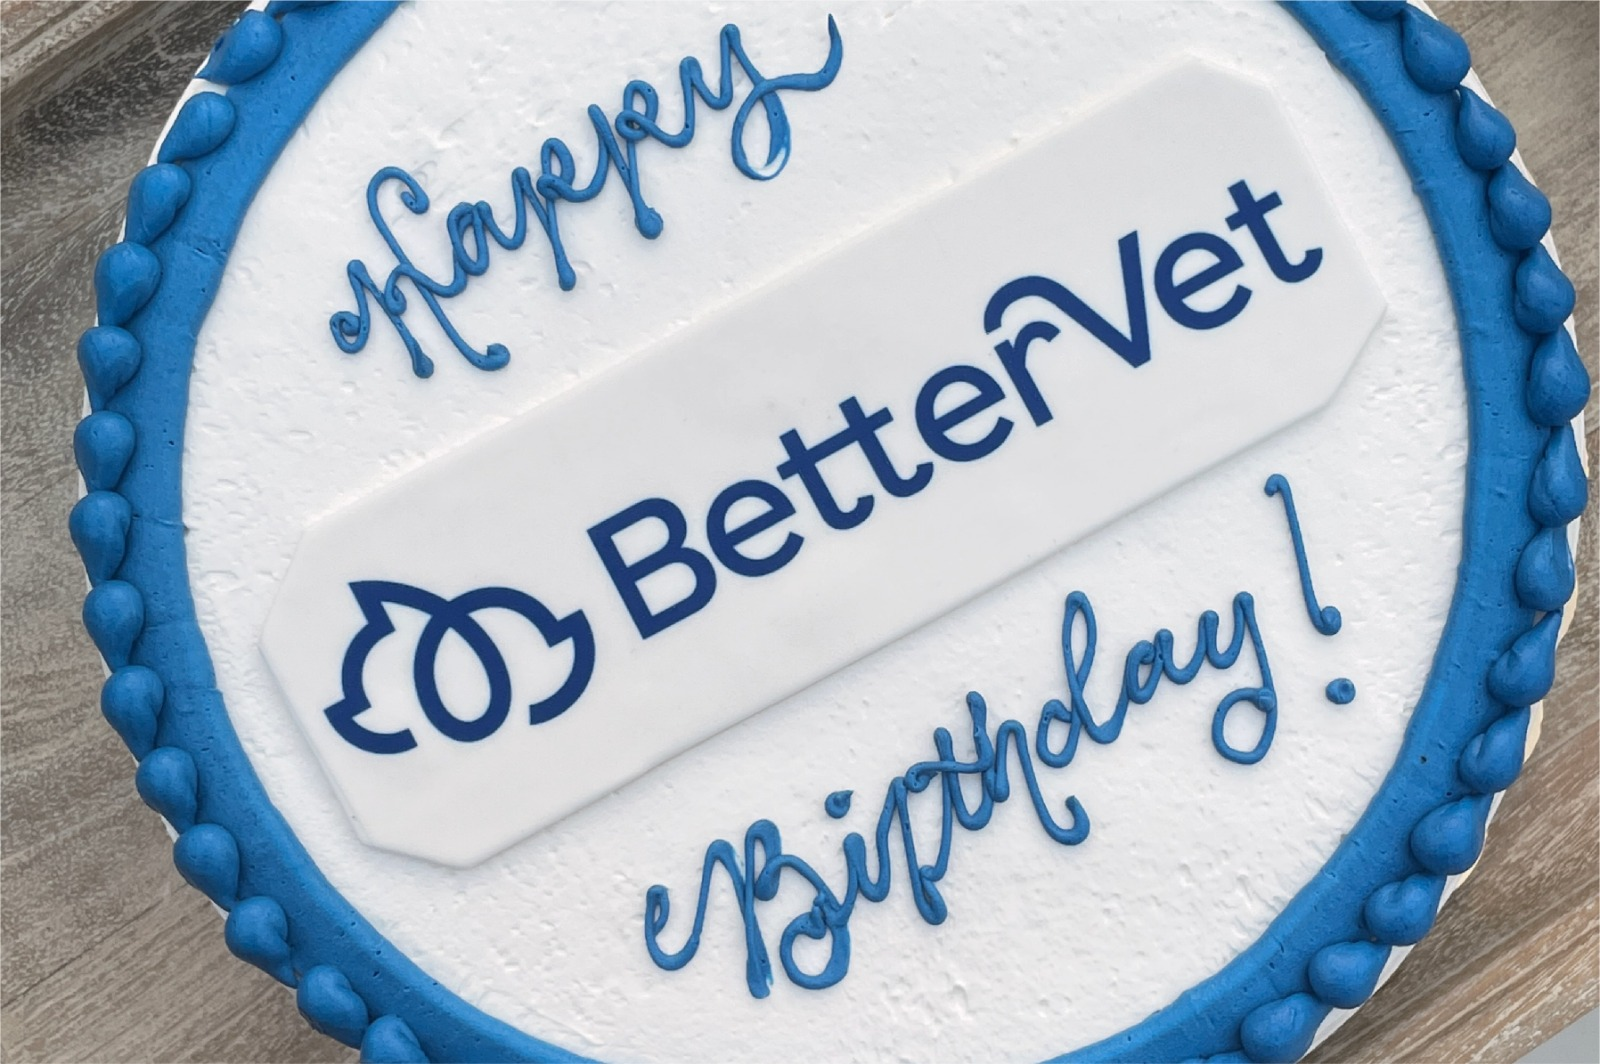 BetterVet birthday cake.